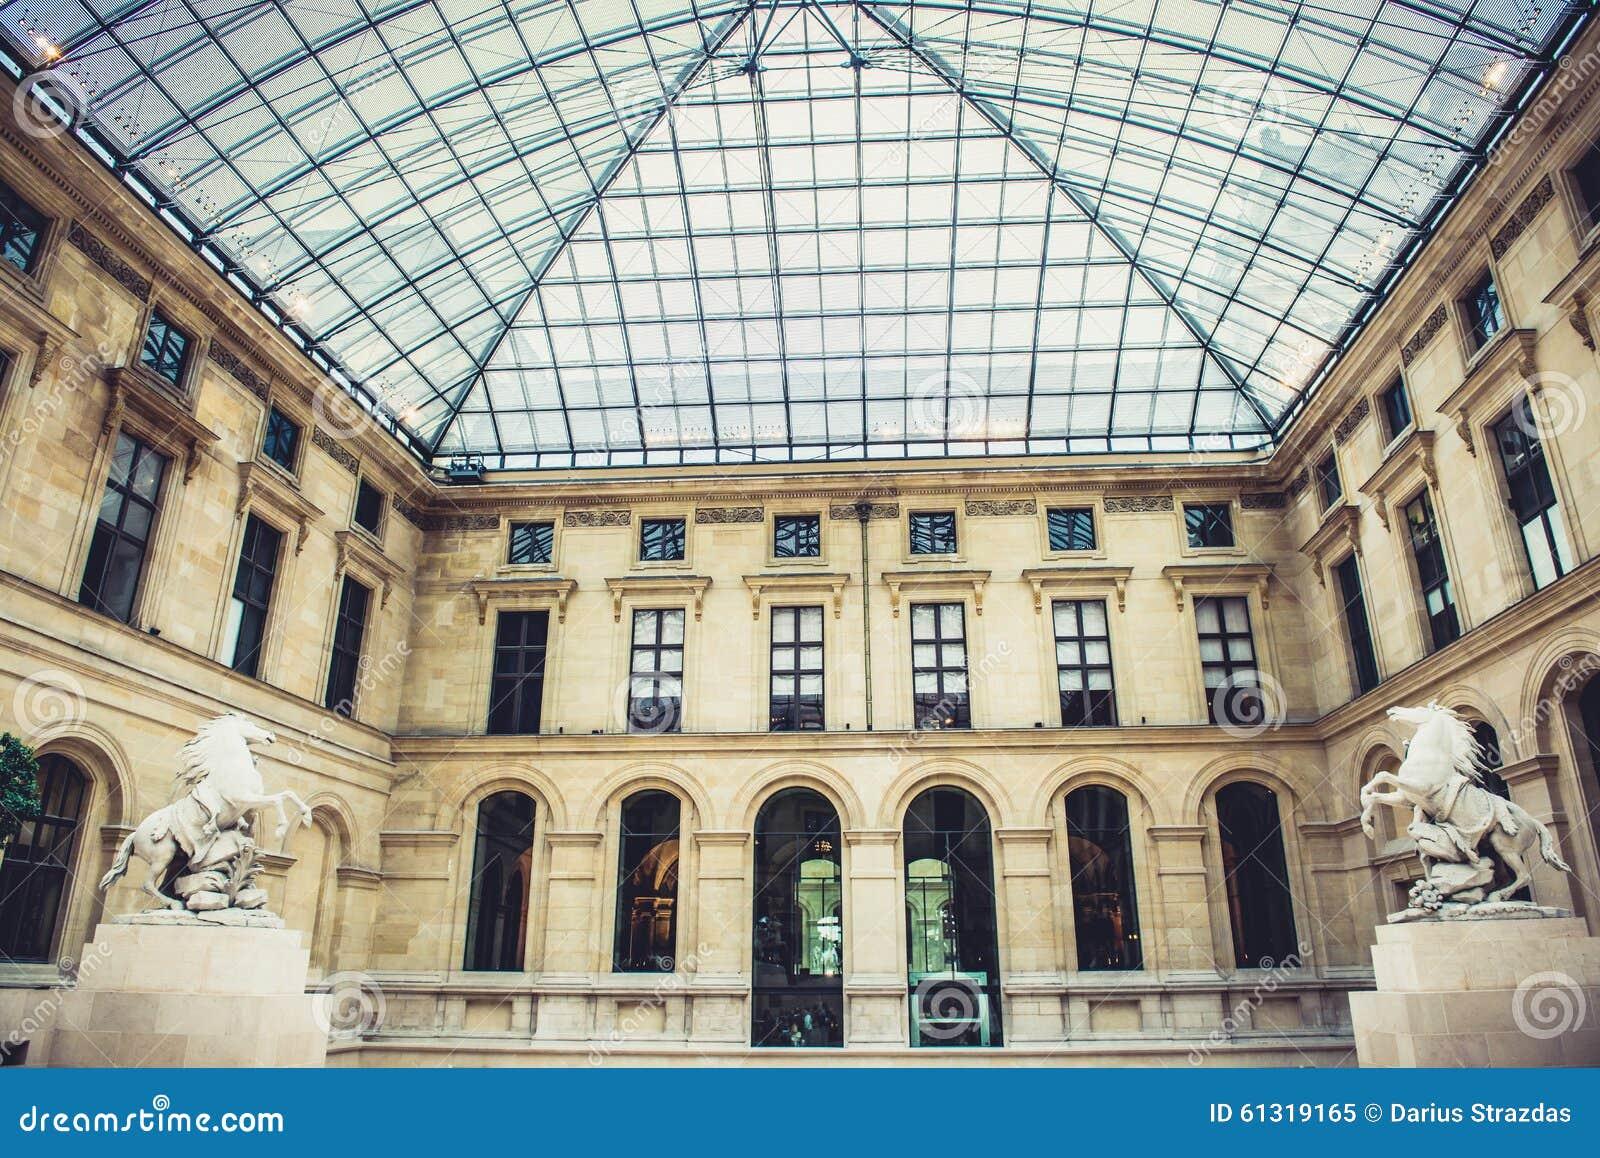 Int rieur de mus e de louvre image ditorial image 61319165 for Louvre interieur